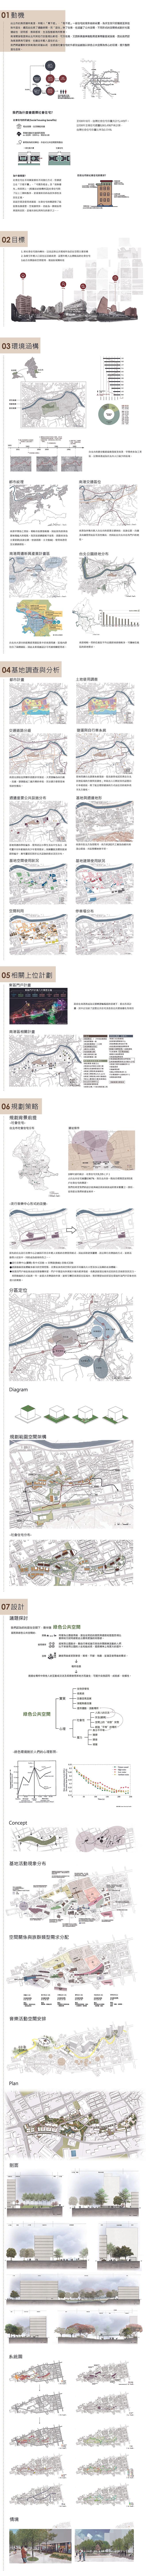 中原_1排版.jpg